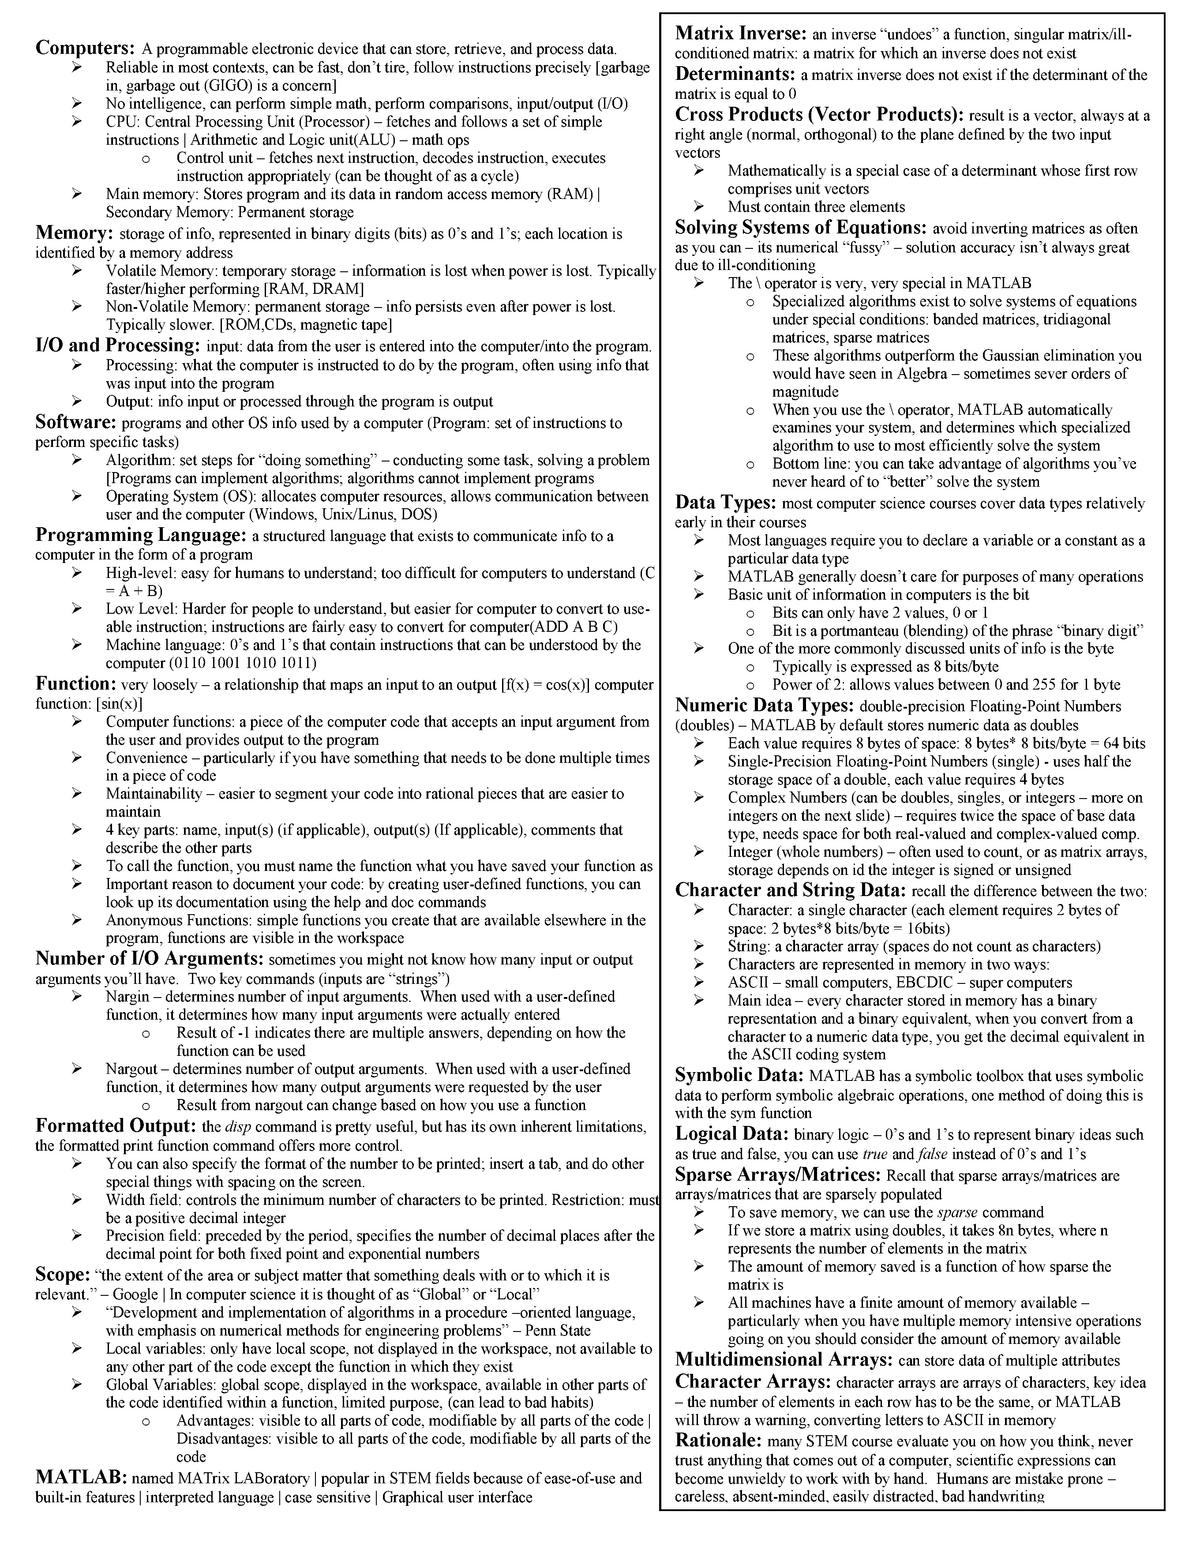 Compsci cheat final - CMPSC 200 - StuDocu